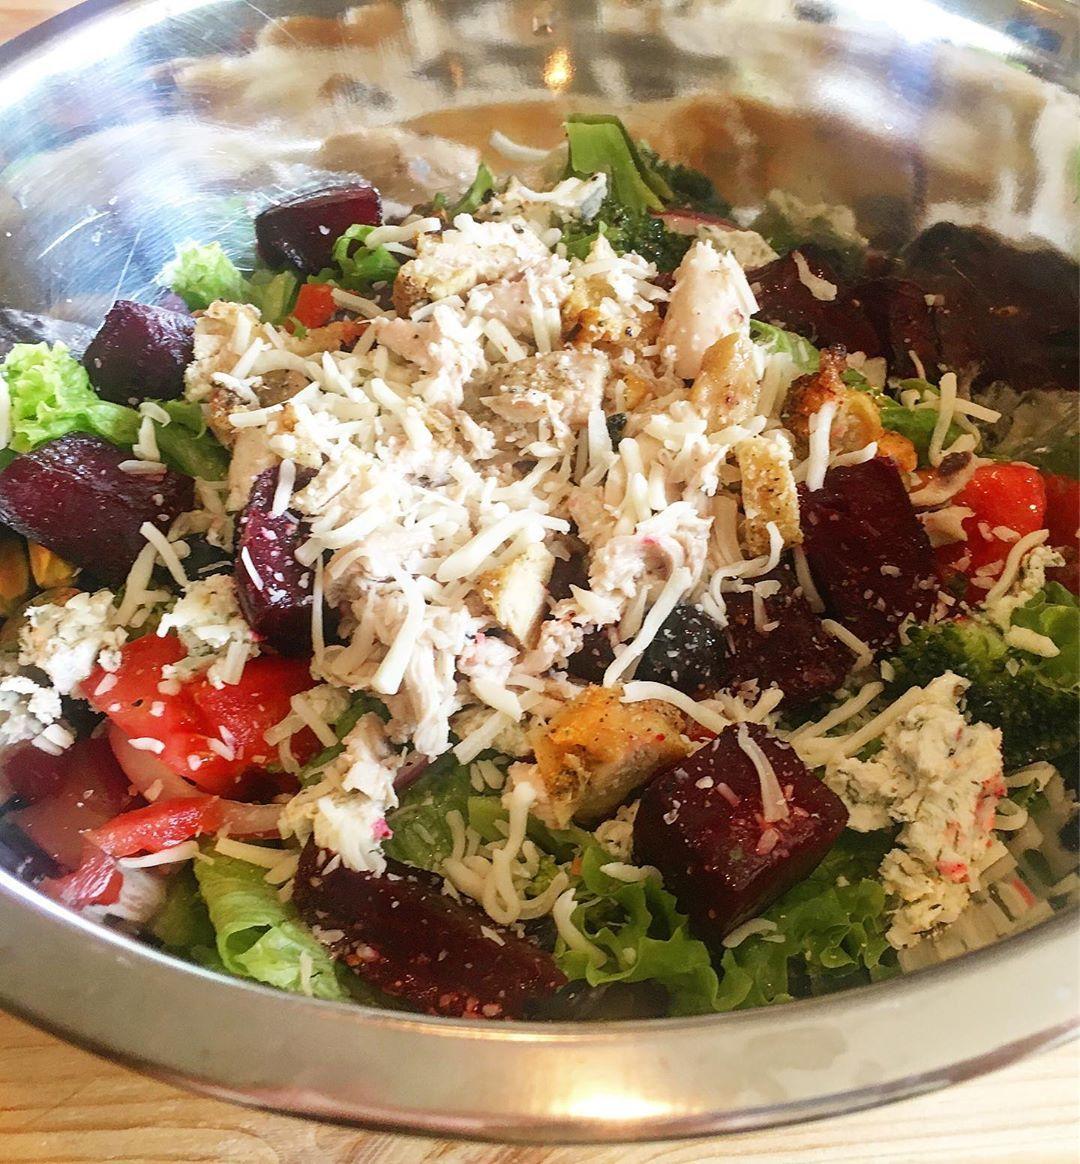 Gebratener Rübensalat! Ebenfalls im Salat ist Hühnchen (Reste vom gestrigen Roas) Gebratener Rübensalat! Ebenfalls im Salat ist Hühnchen (Reste vom gestrigen Roas)